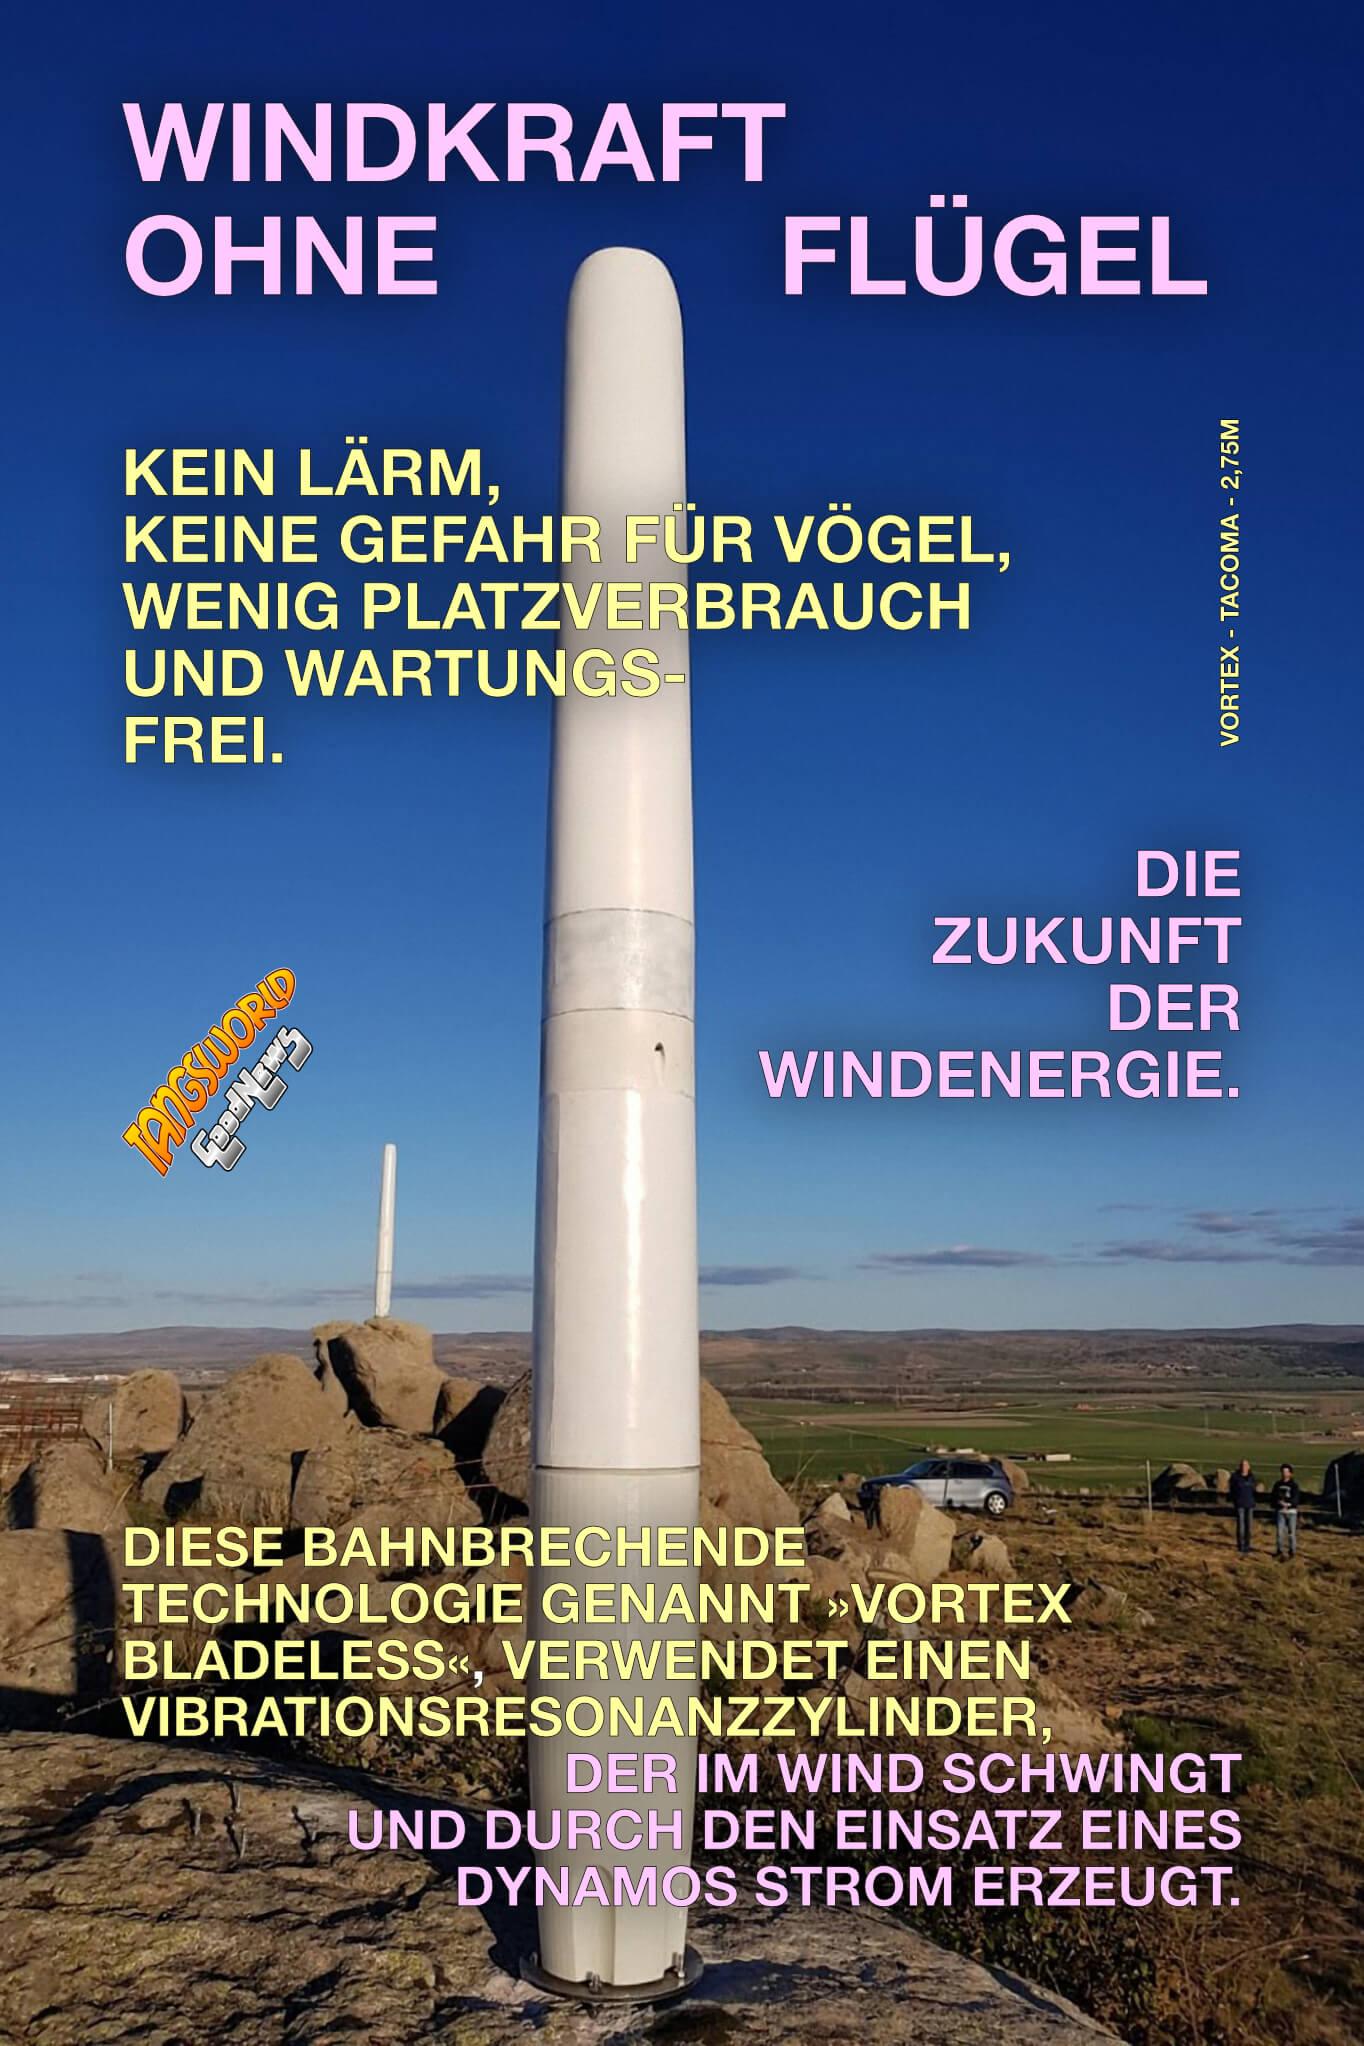 Windkraft ohne Flügel - »Vortex Bladeless«. Kein Lärm, Keine Gefahr für Vögel, wenig Platzverbrauch und wartungsfrei. Die Zukunft der Windenergie.- GoodNews